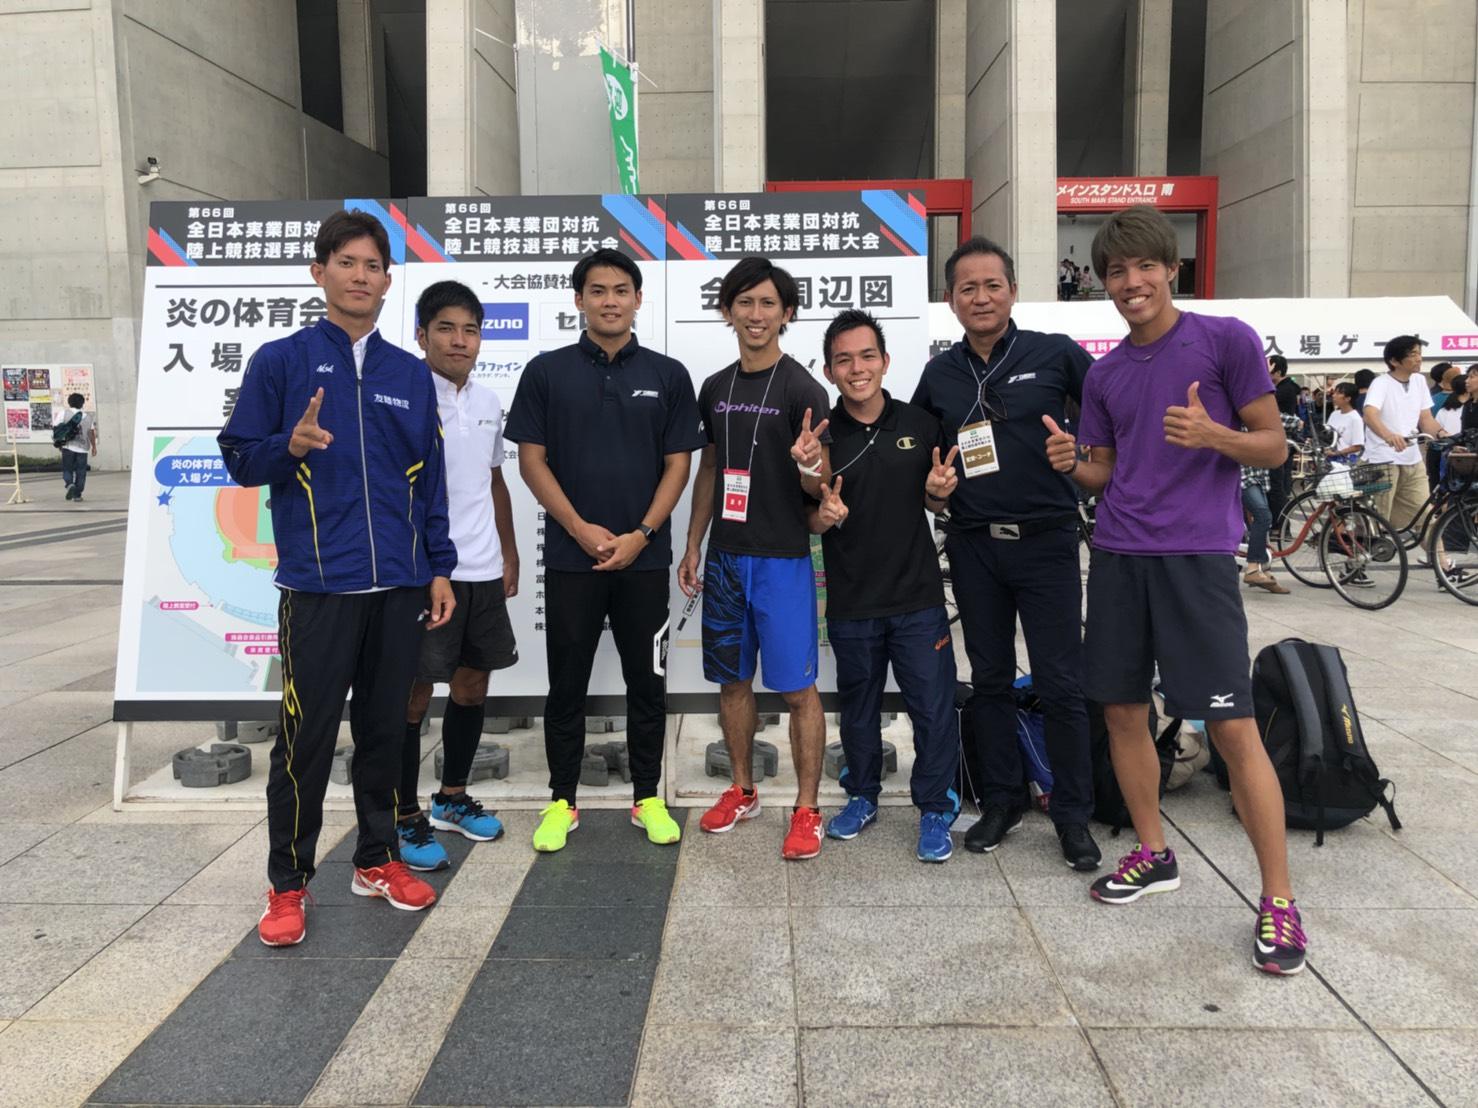 第66回全日本実業団対抗陸上競技選手権大会 結果報告